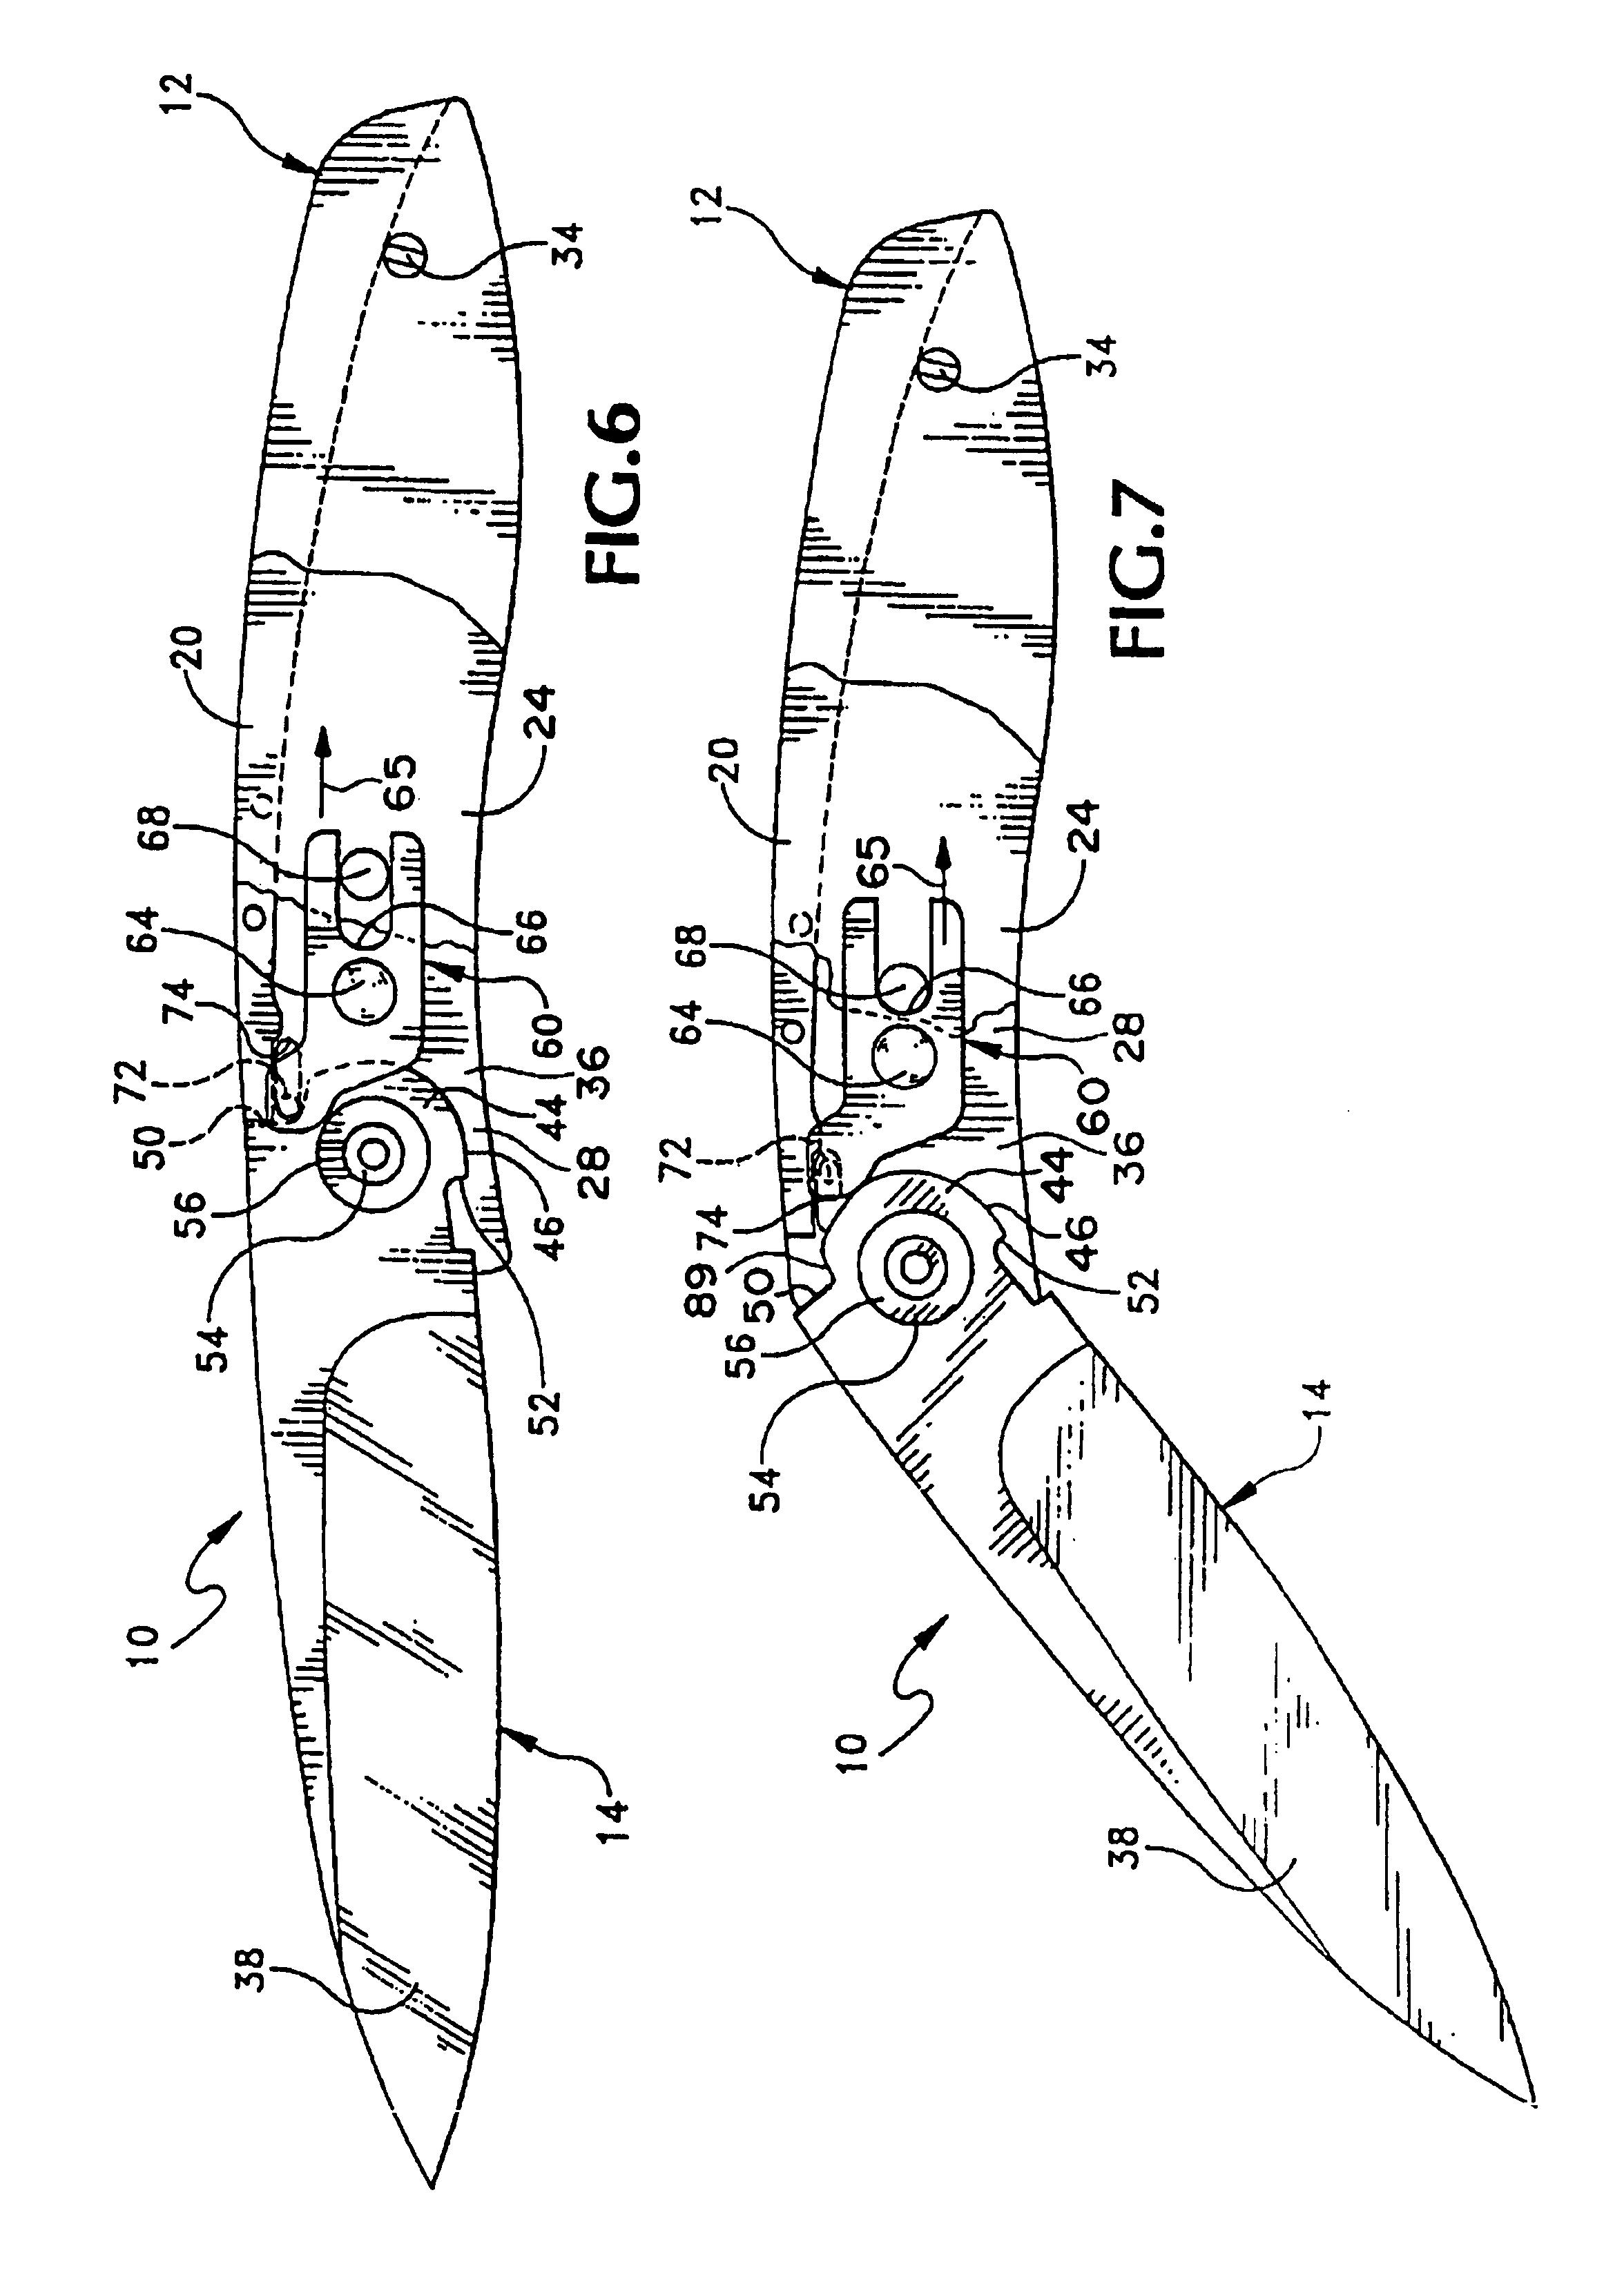 patent usre41259 folding pocket knife with a lock google patents